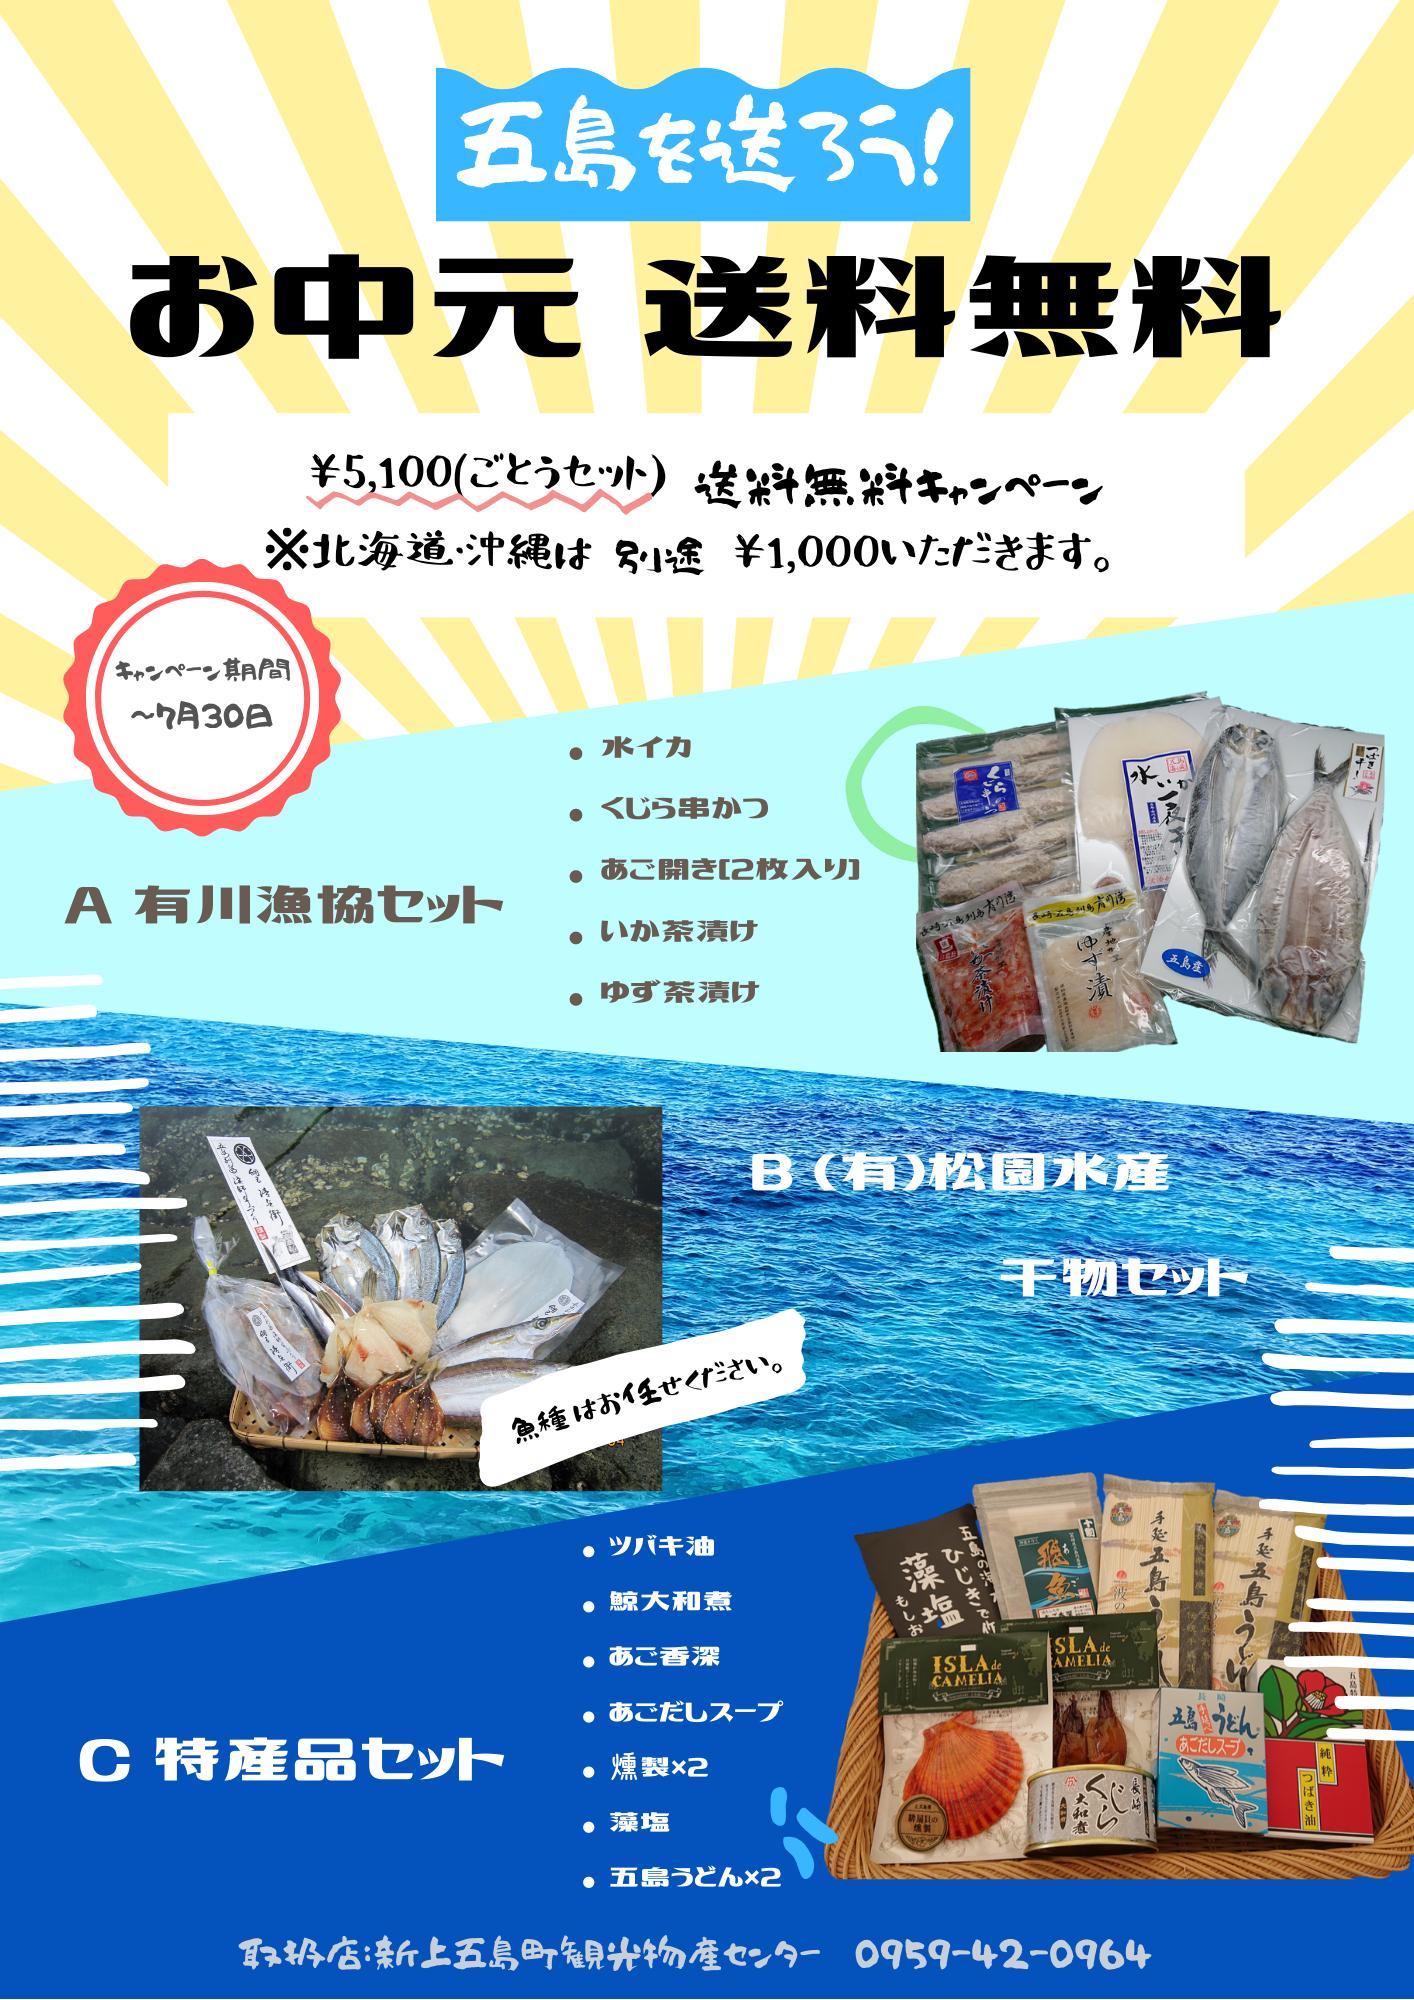 ◆お中元送料無料キャンペーン◆-1